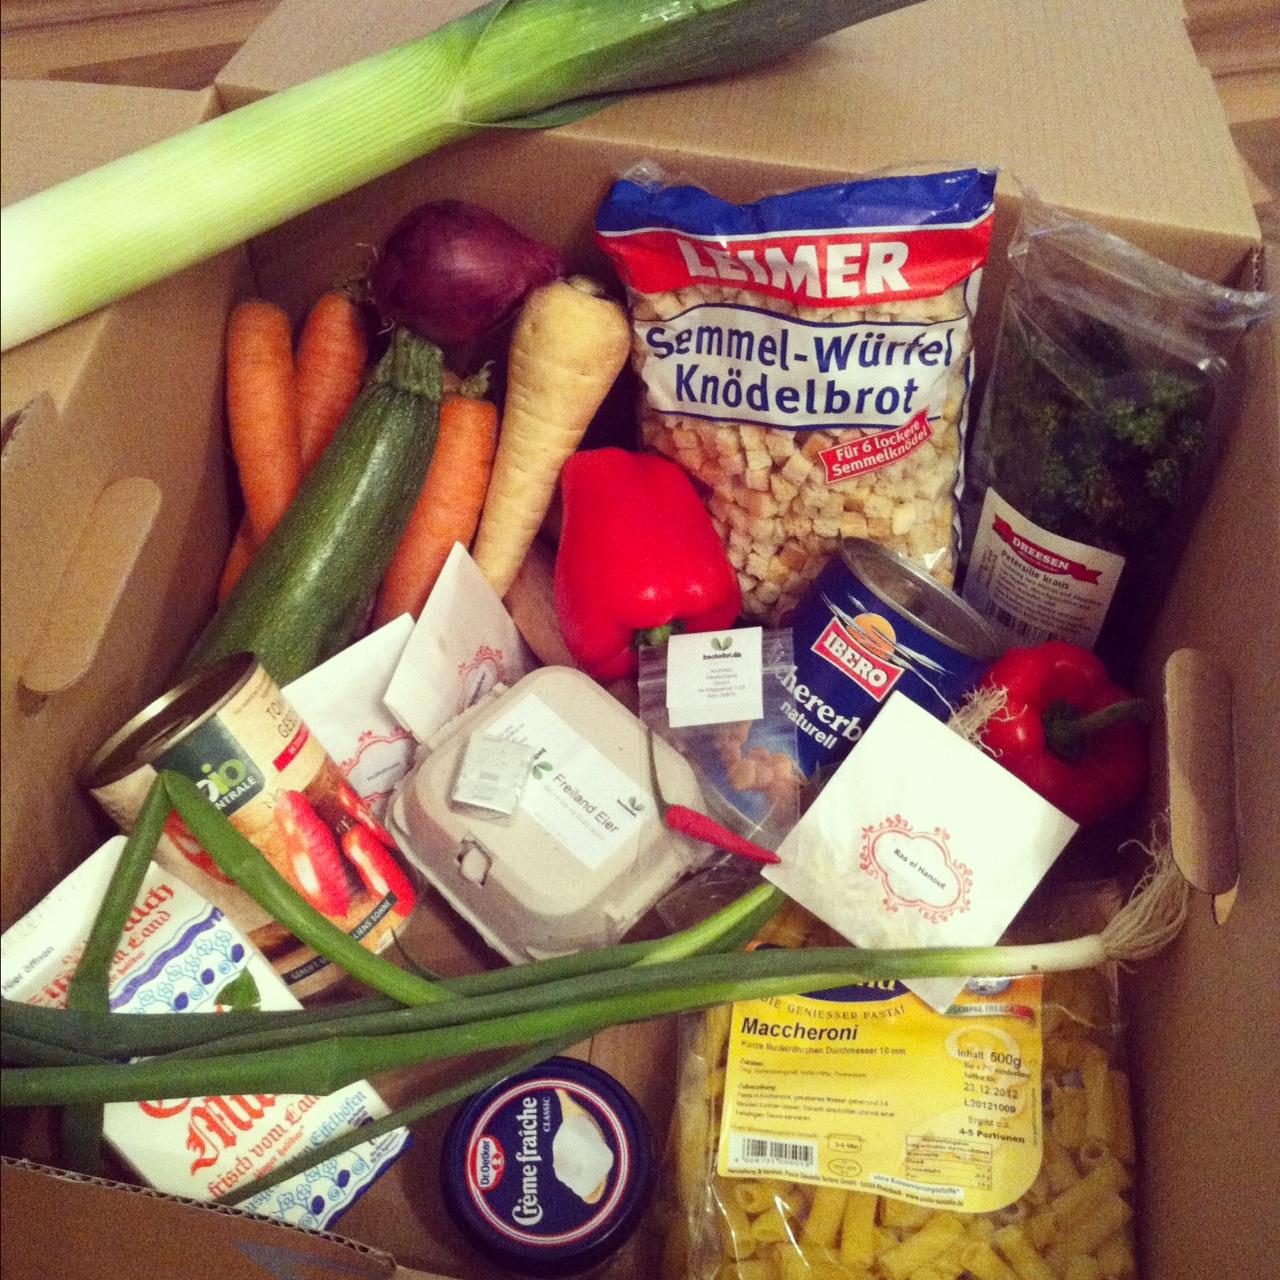 Knackig, frisch und ganz schön kreativ // Die Veggie-Box von KOCHABO.DE